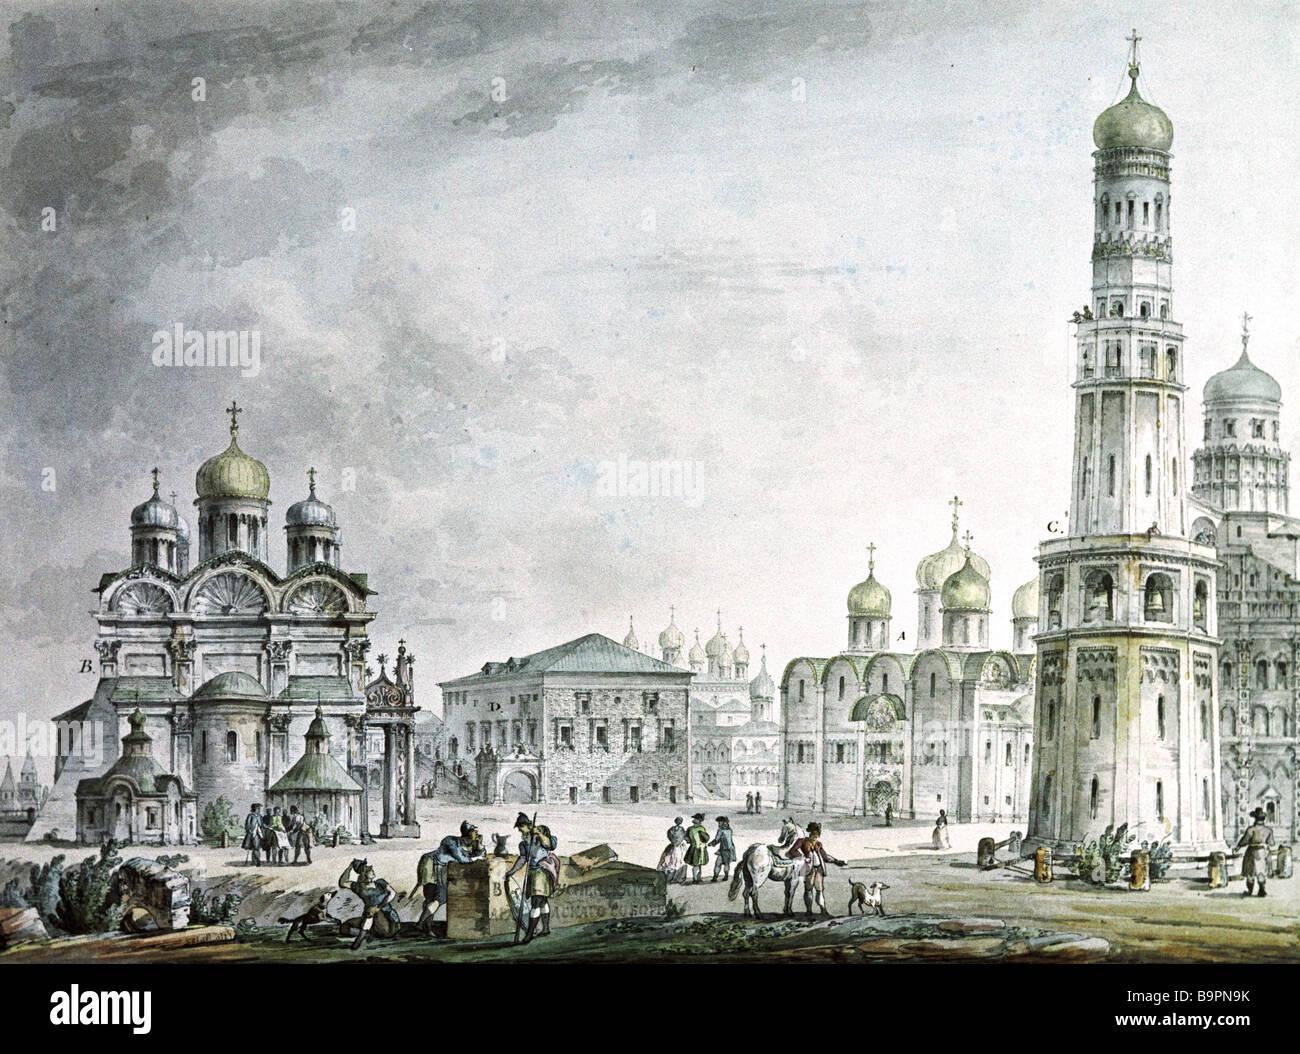 Reproducción de la acuarela de la Plaza del Palacio del Kremlin por Giacomo Quarenghi 1744 1817 el Museo del Imagen De Stock